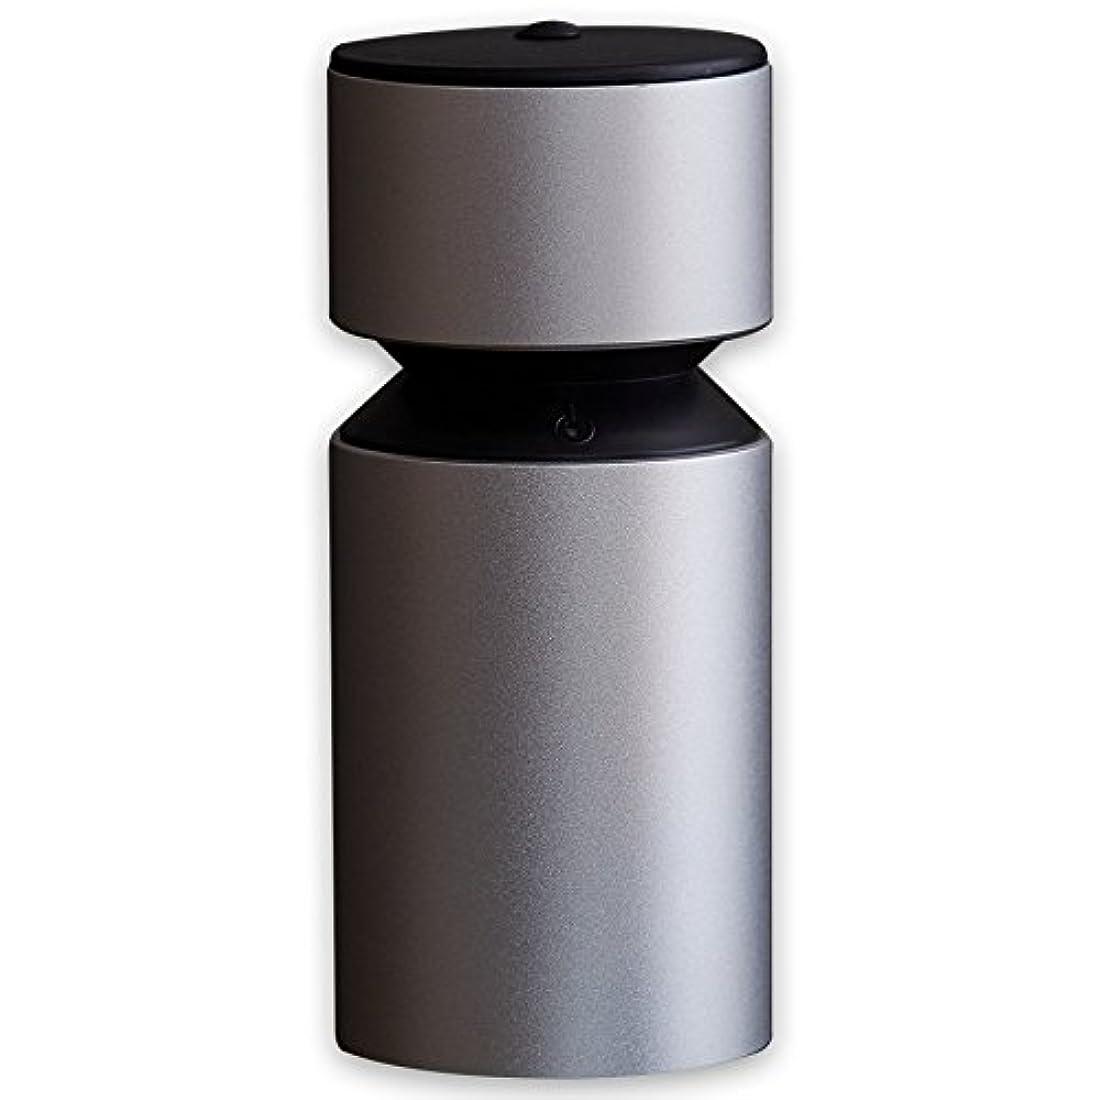 致命的社員テセウスアロマディフューザー UR-AROMA03 卓上 小型 加湿器 Uruon(ウルオン) オーガニックアロマオイル対応 天然アロマオイル AROMA ポータブル usb コンパクト 充電式 タンブラー 2way アロマドロップ方式